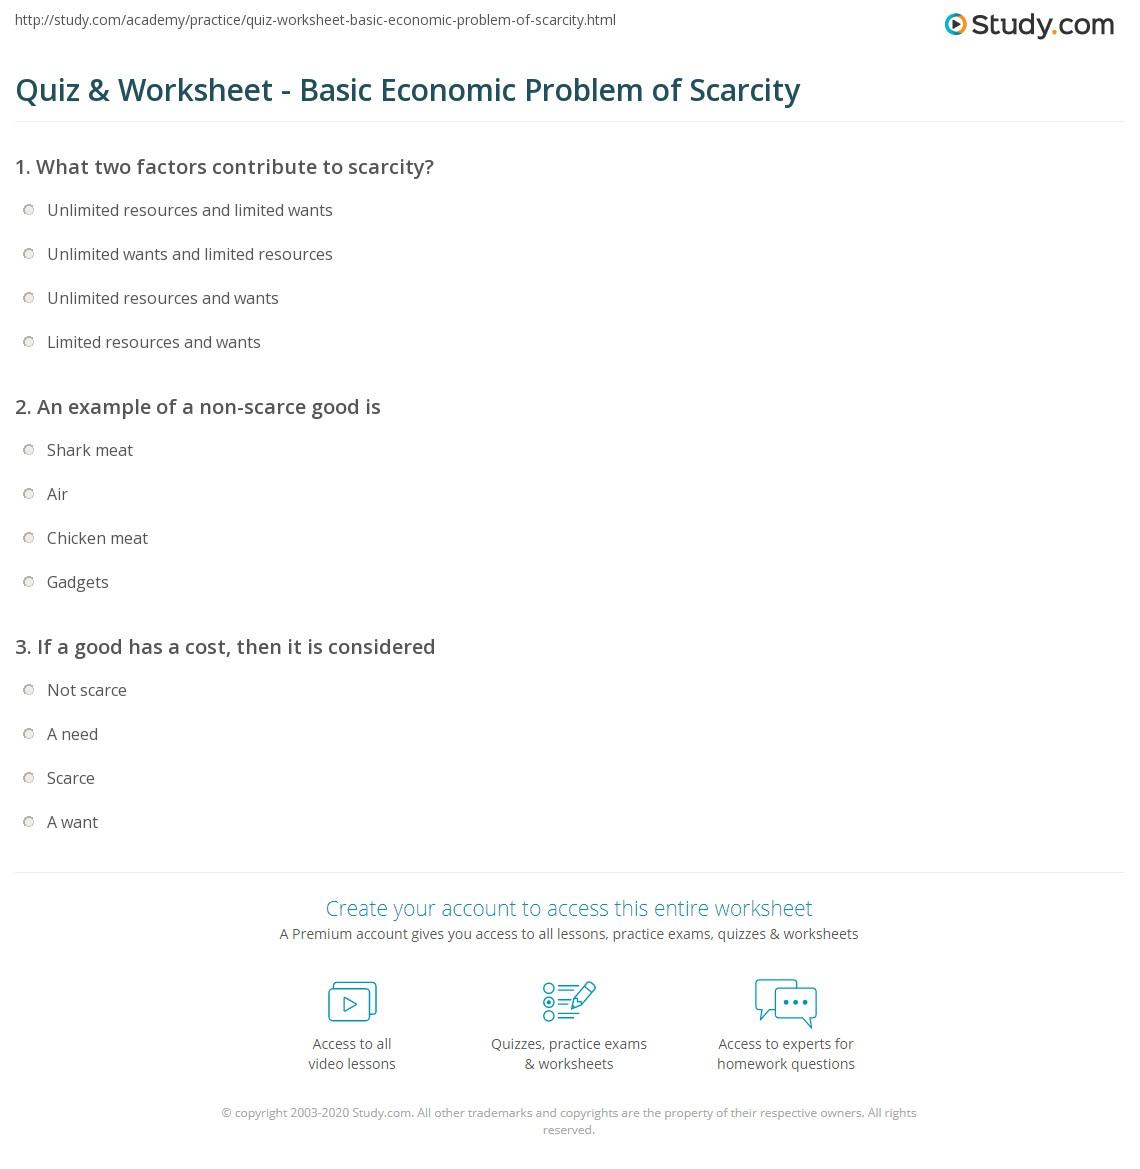 quiz worksheet basic economic problem of scarcity. Black Bedroom Furniture Sets. Home Design Ideas